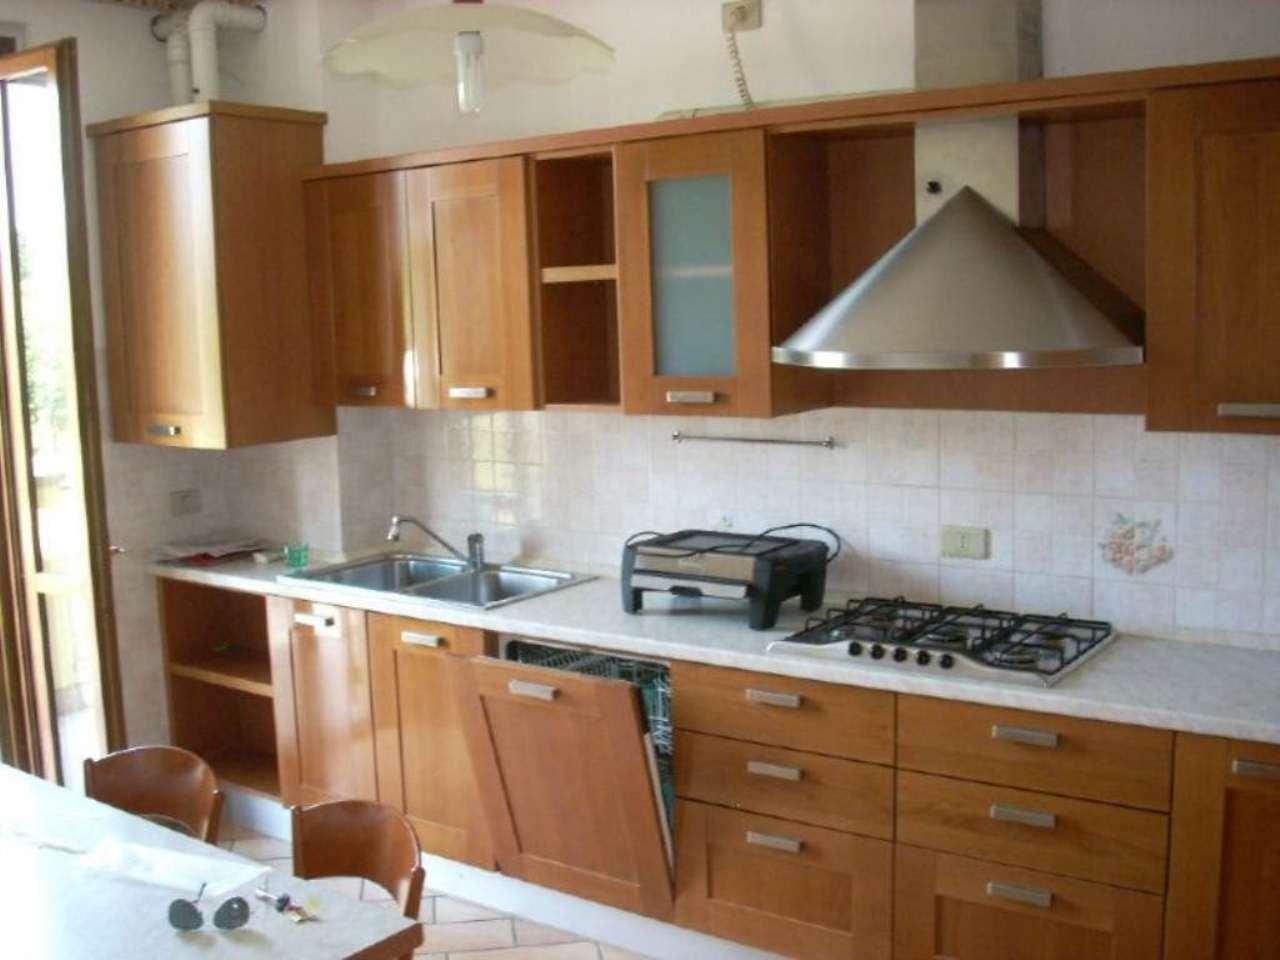 Appartamento in vendita a Vaiano Cremasco, 3 locali, prezzo € 125.000 | Cambio Casa.it